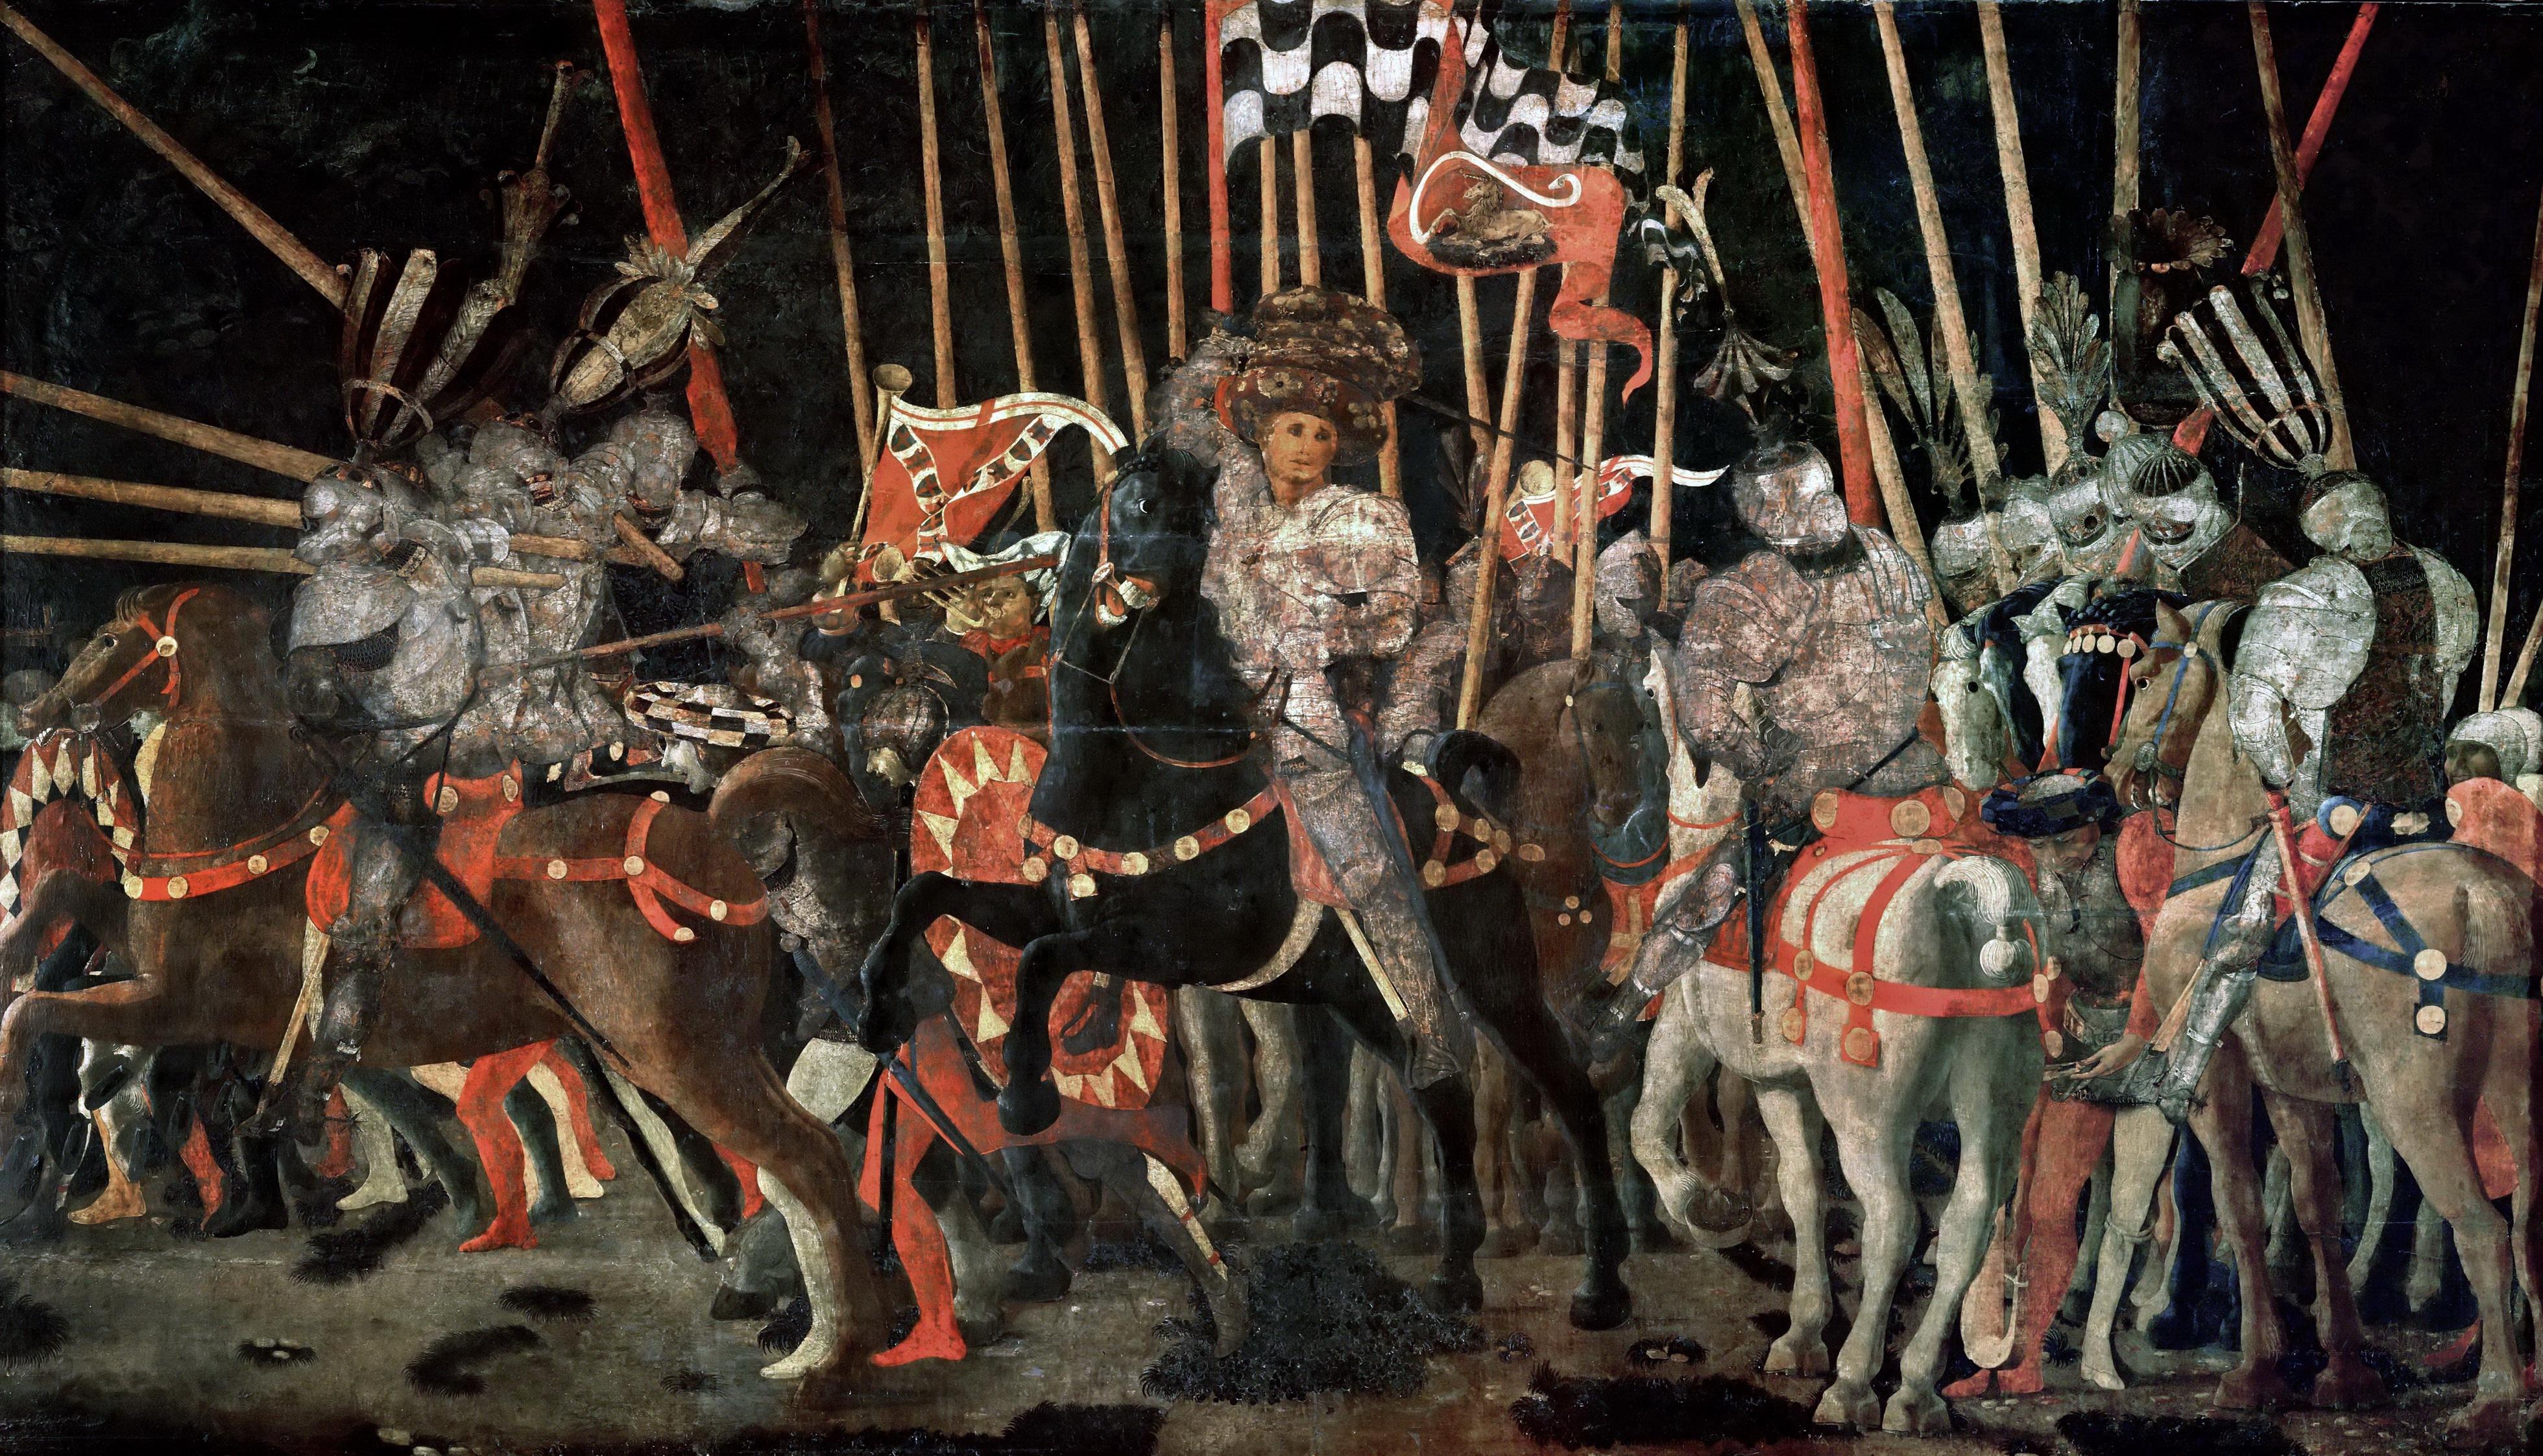 battaglia di san romano yahoo dating